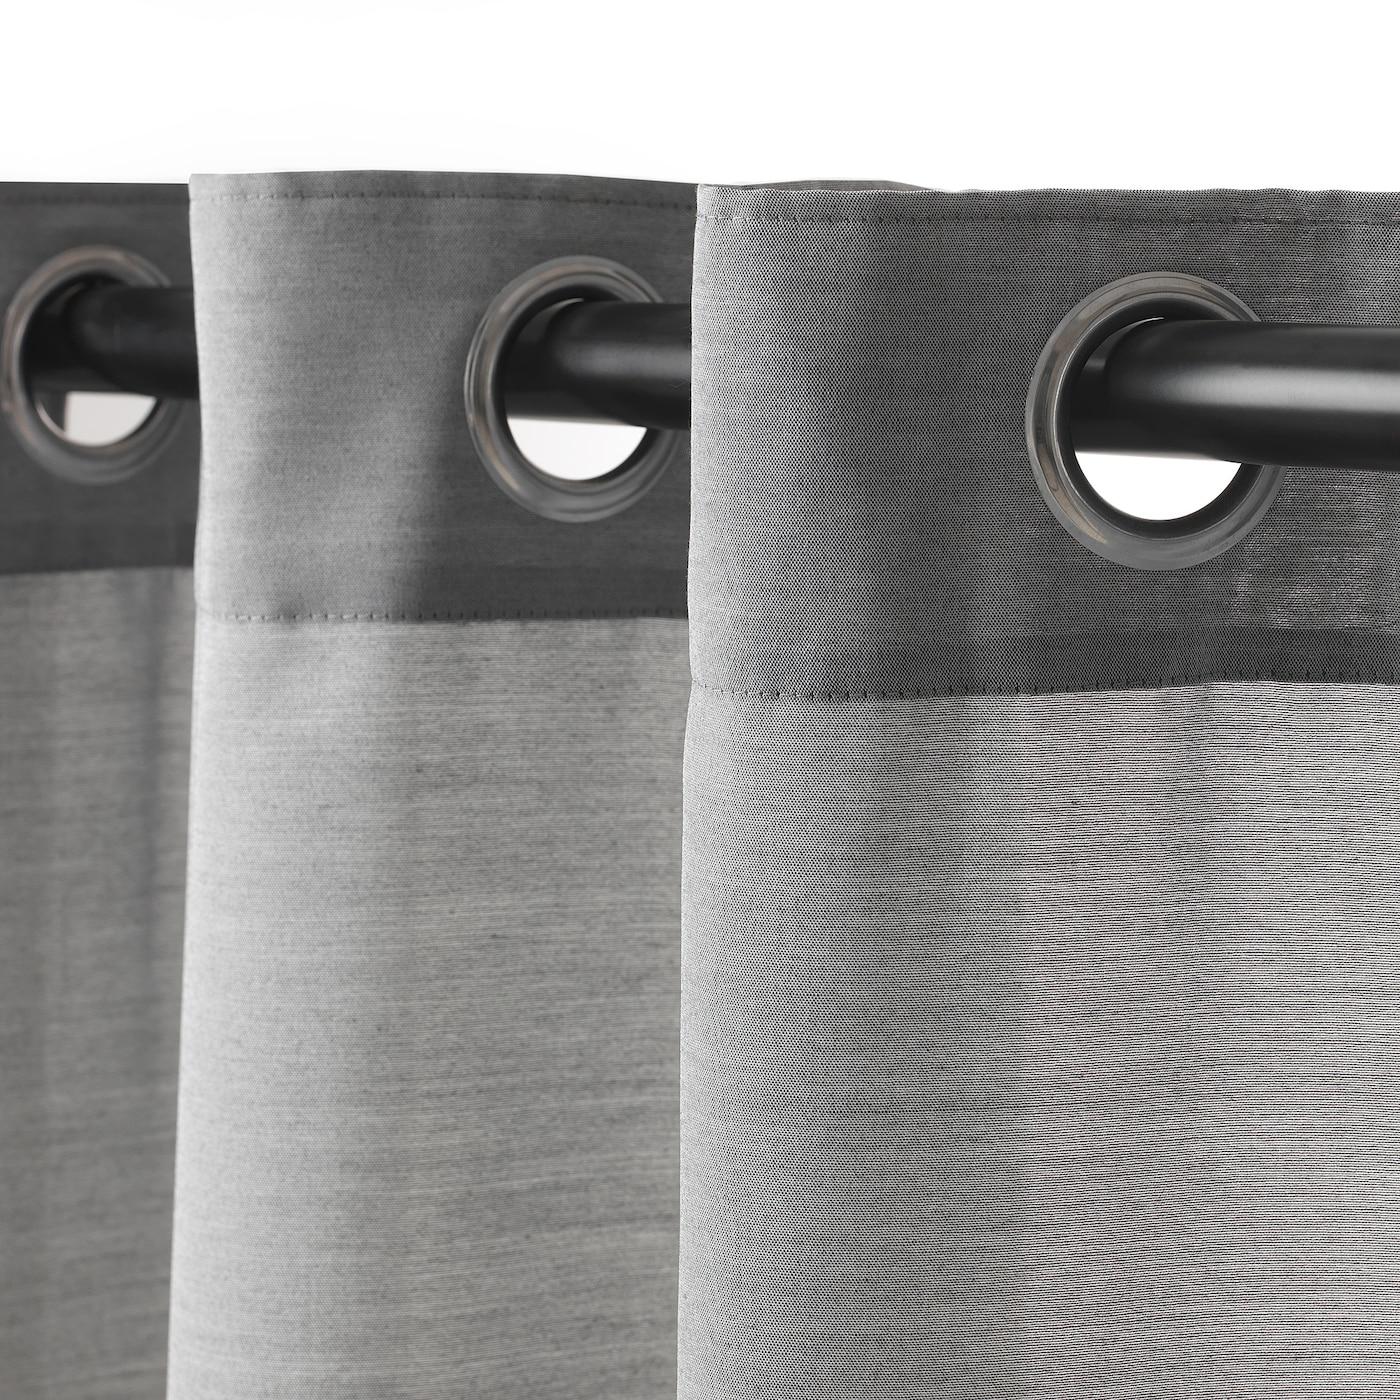 Rideau Gris Perle Ikea hilja rideaux, 2 pièces - gris avec oeillets 145x300 cm